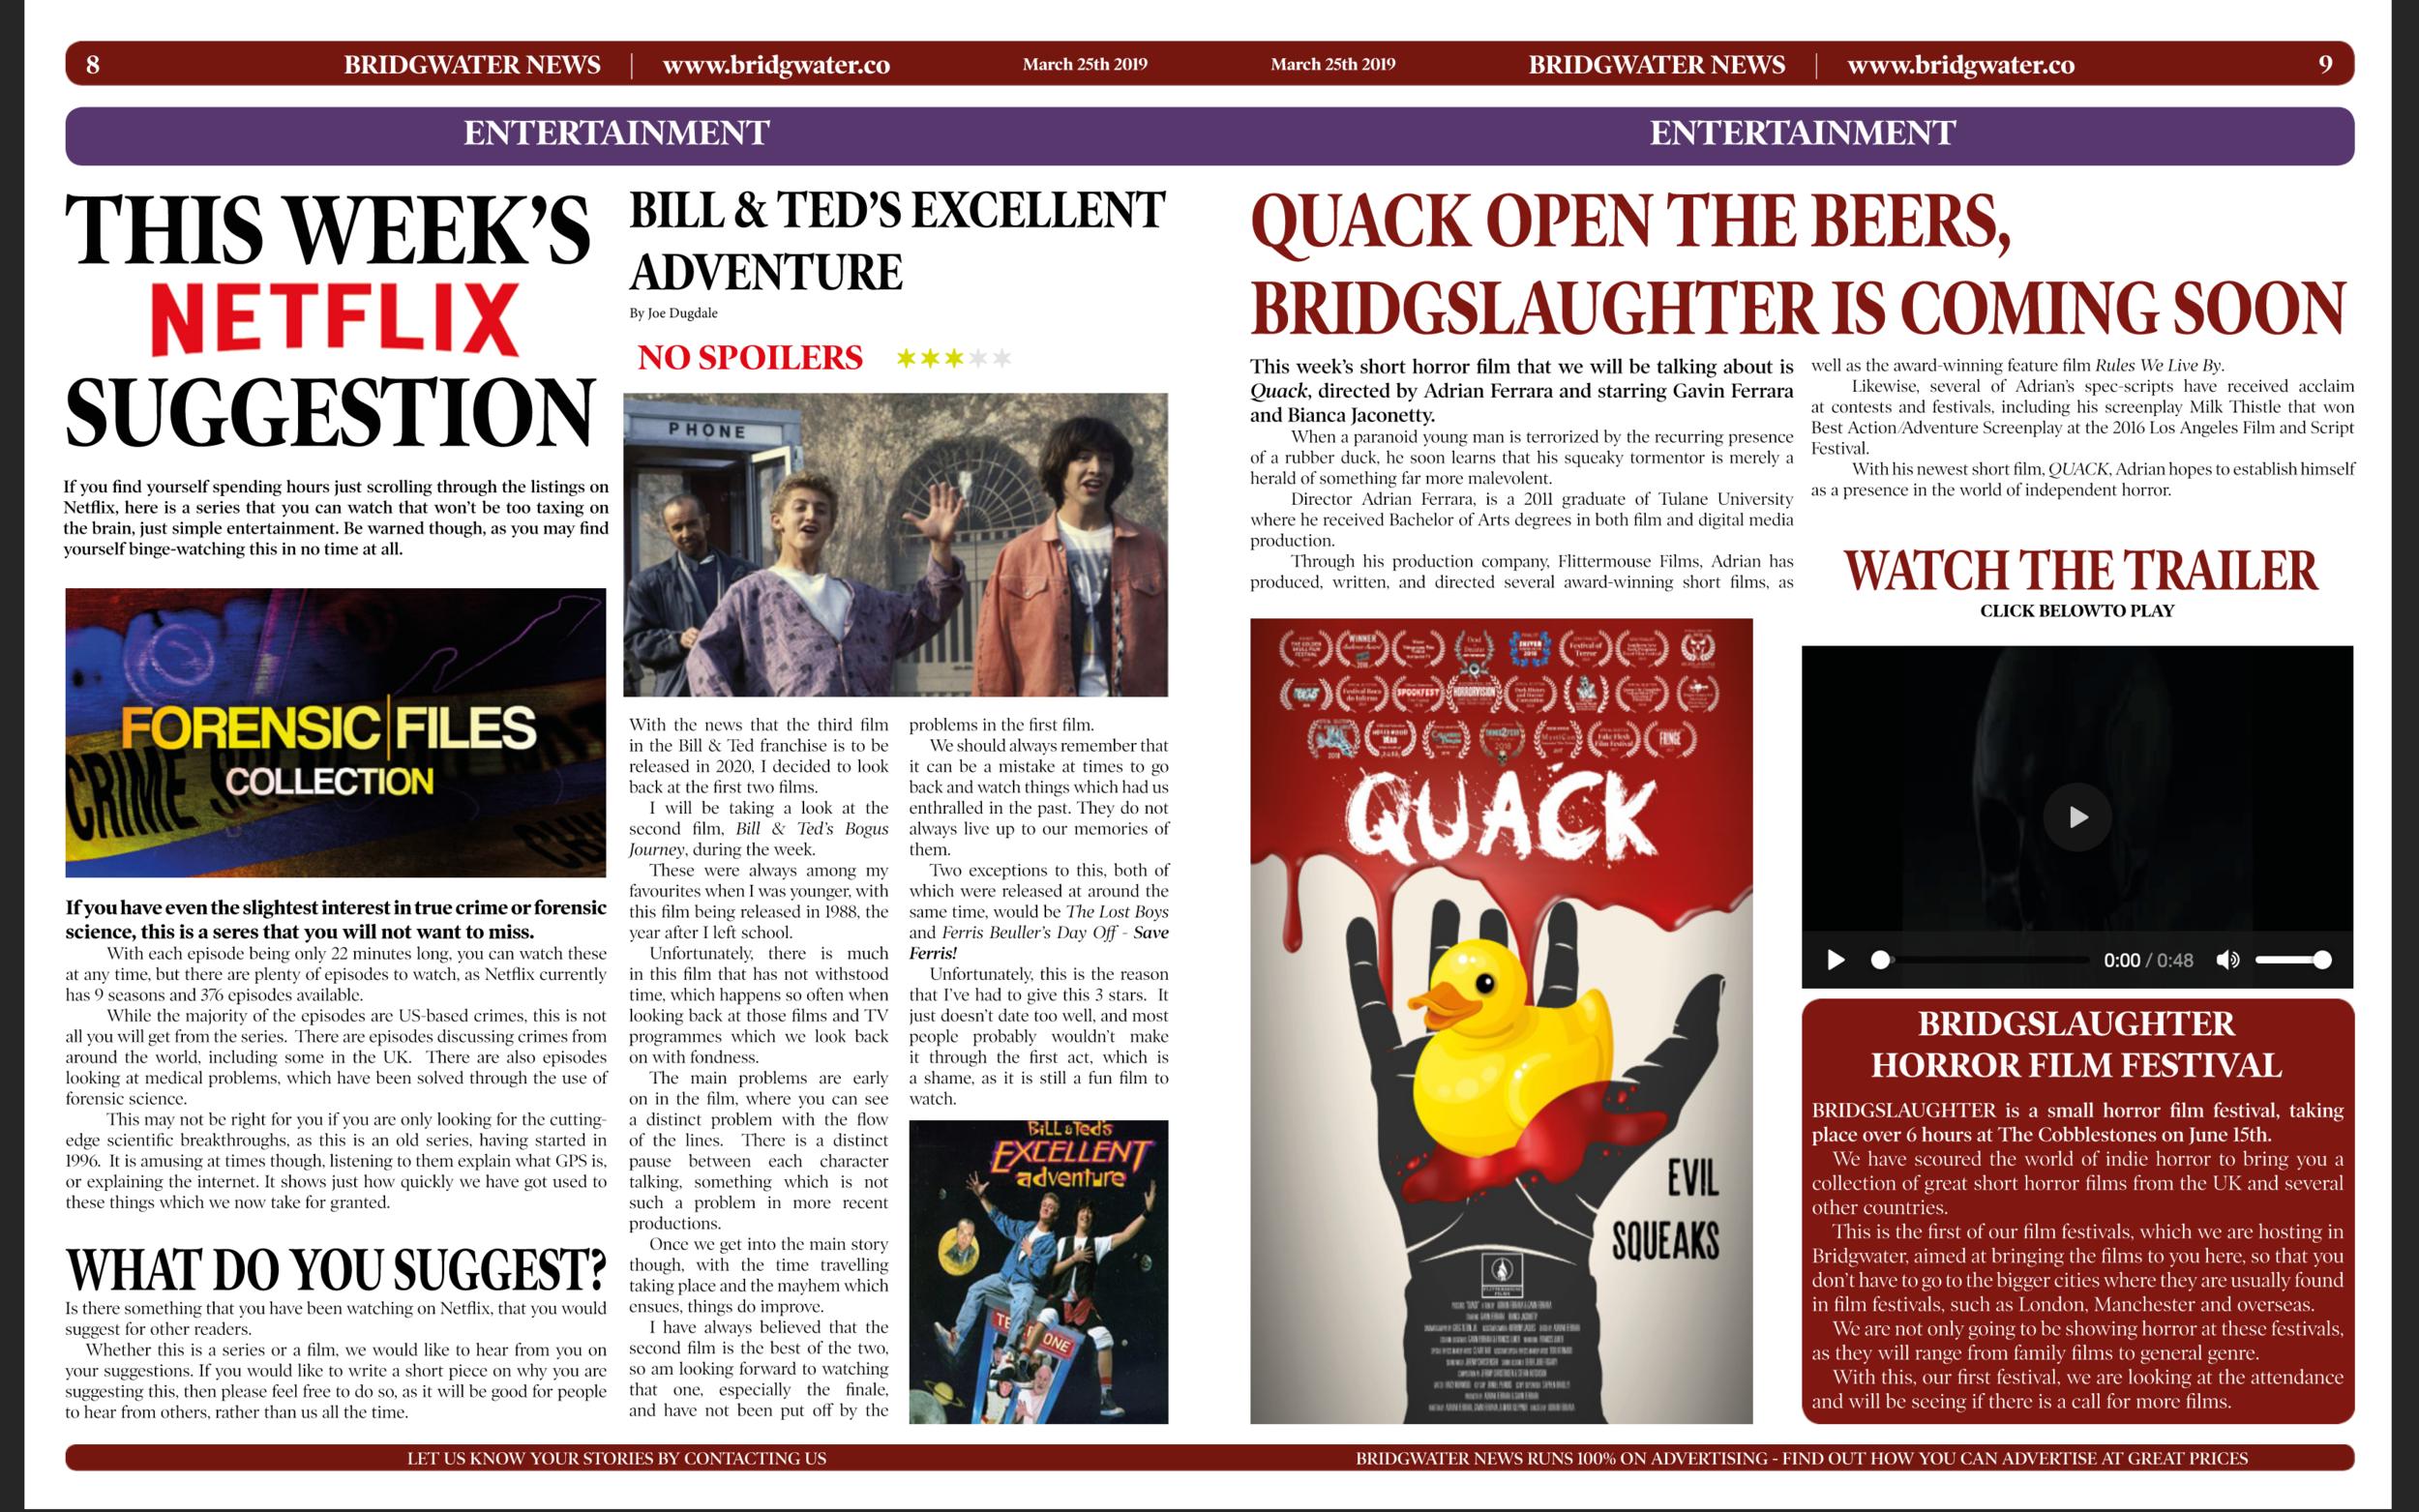 QUACK - Bridgewater News.png